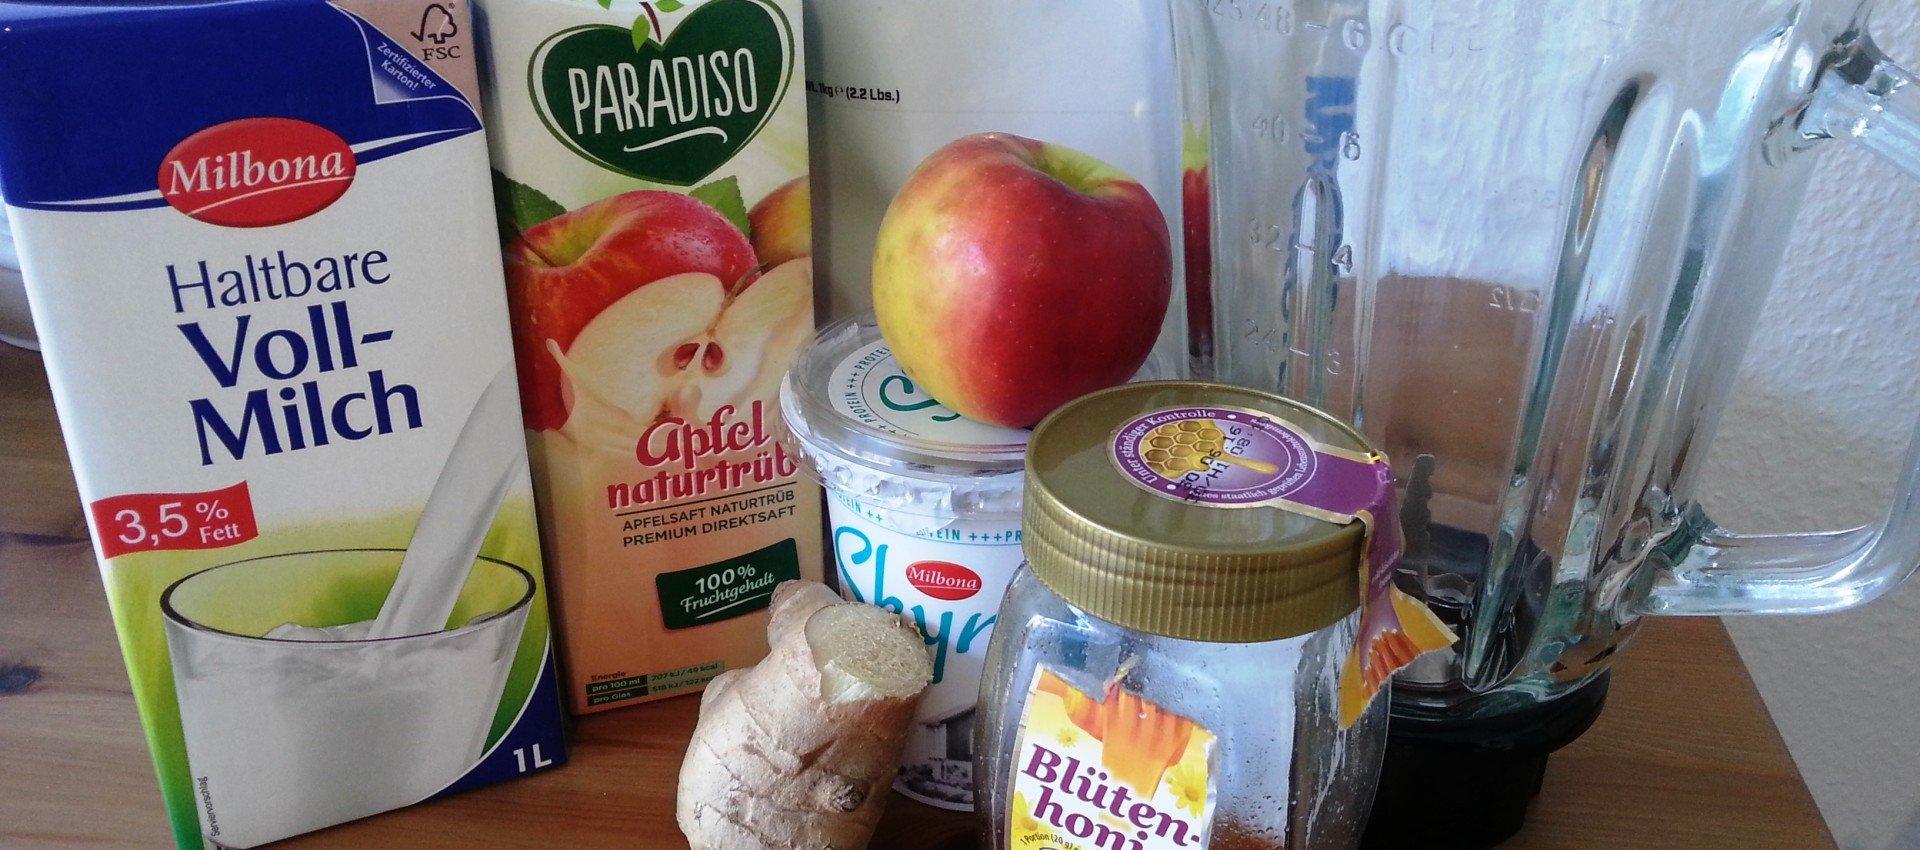 Apfel Ingwer Shake fettarm